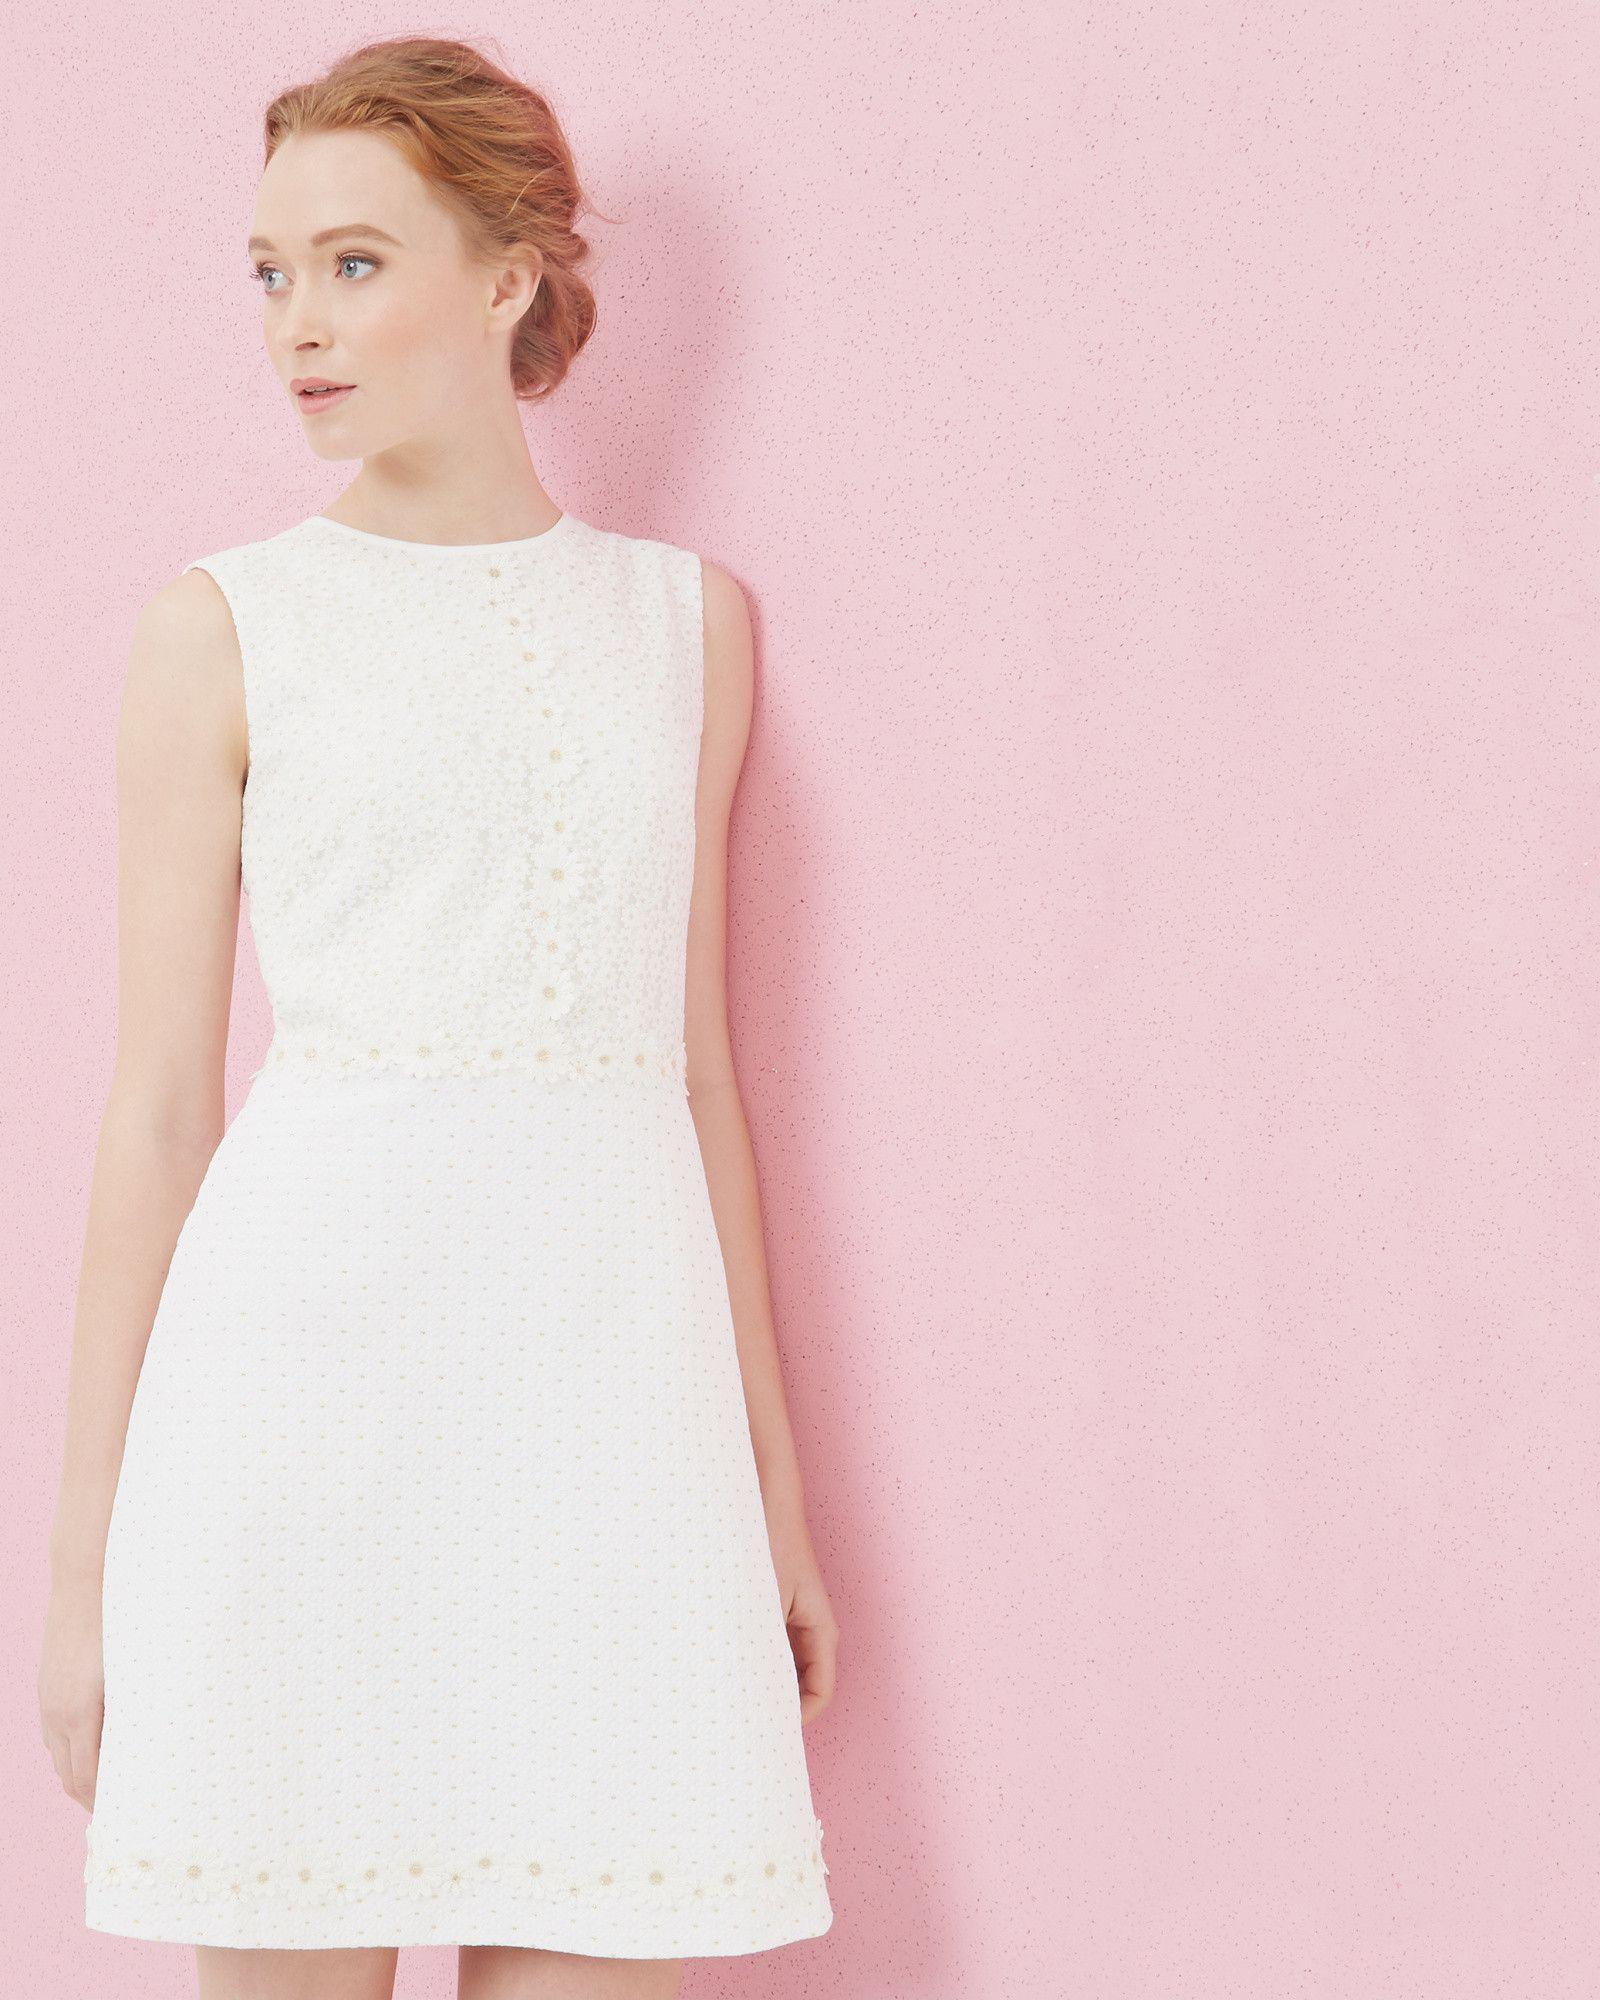 Florales Spitzenkleid in A-Linie - Weiß  Kleider  Ted Baker DE